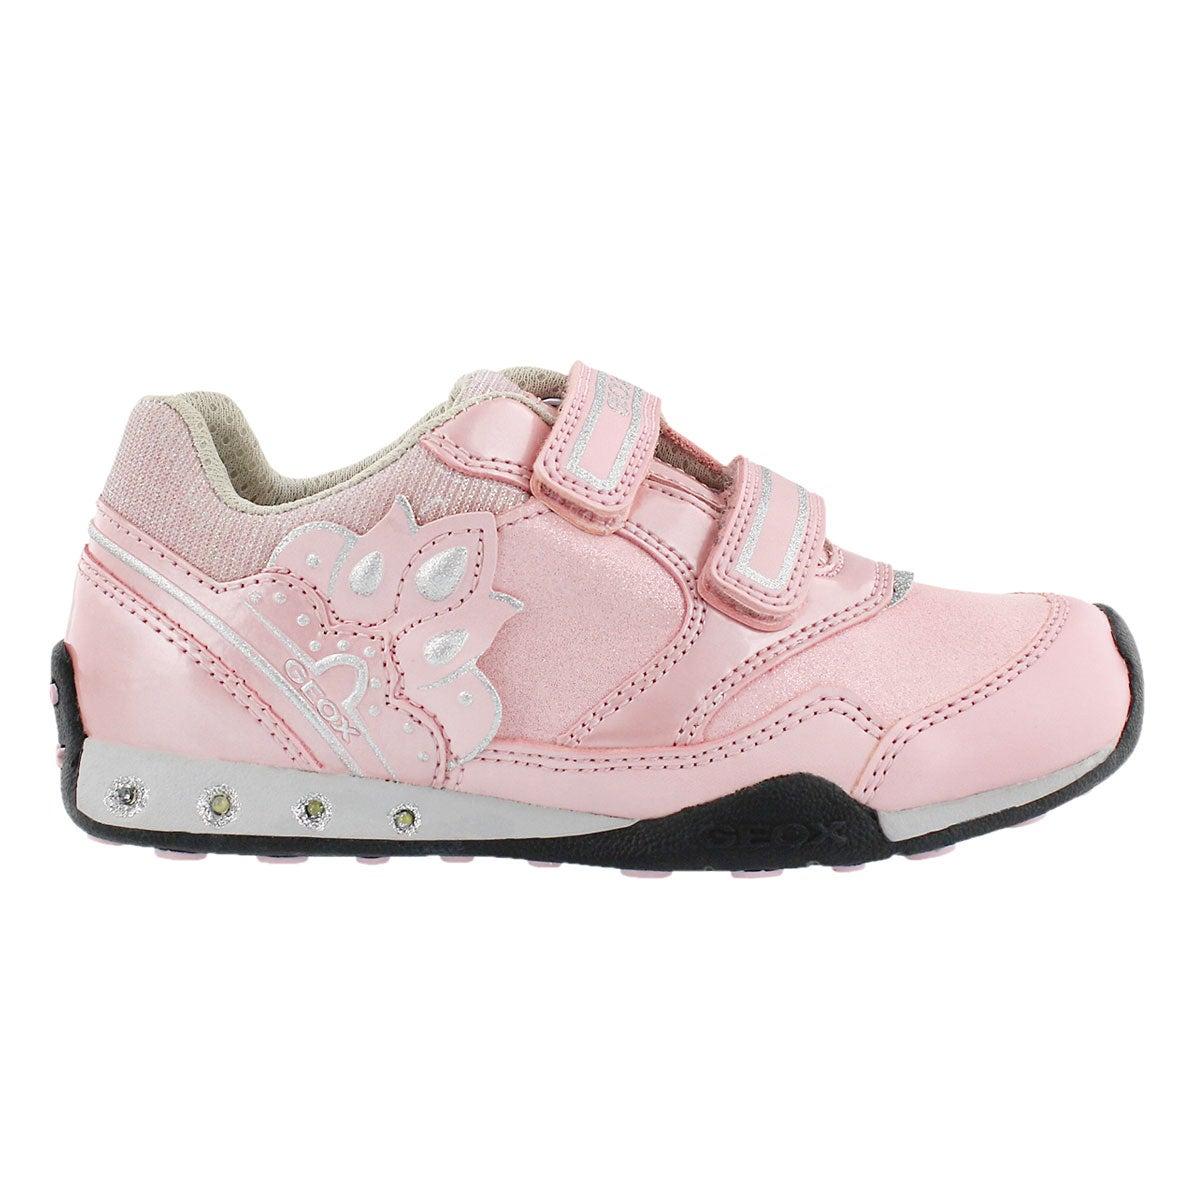 Grls New Jocker pink 2-strap sneaker